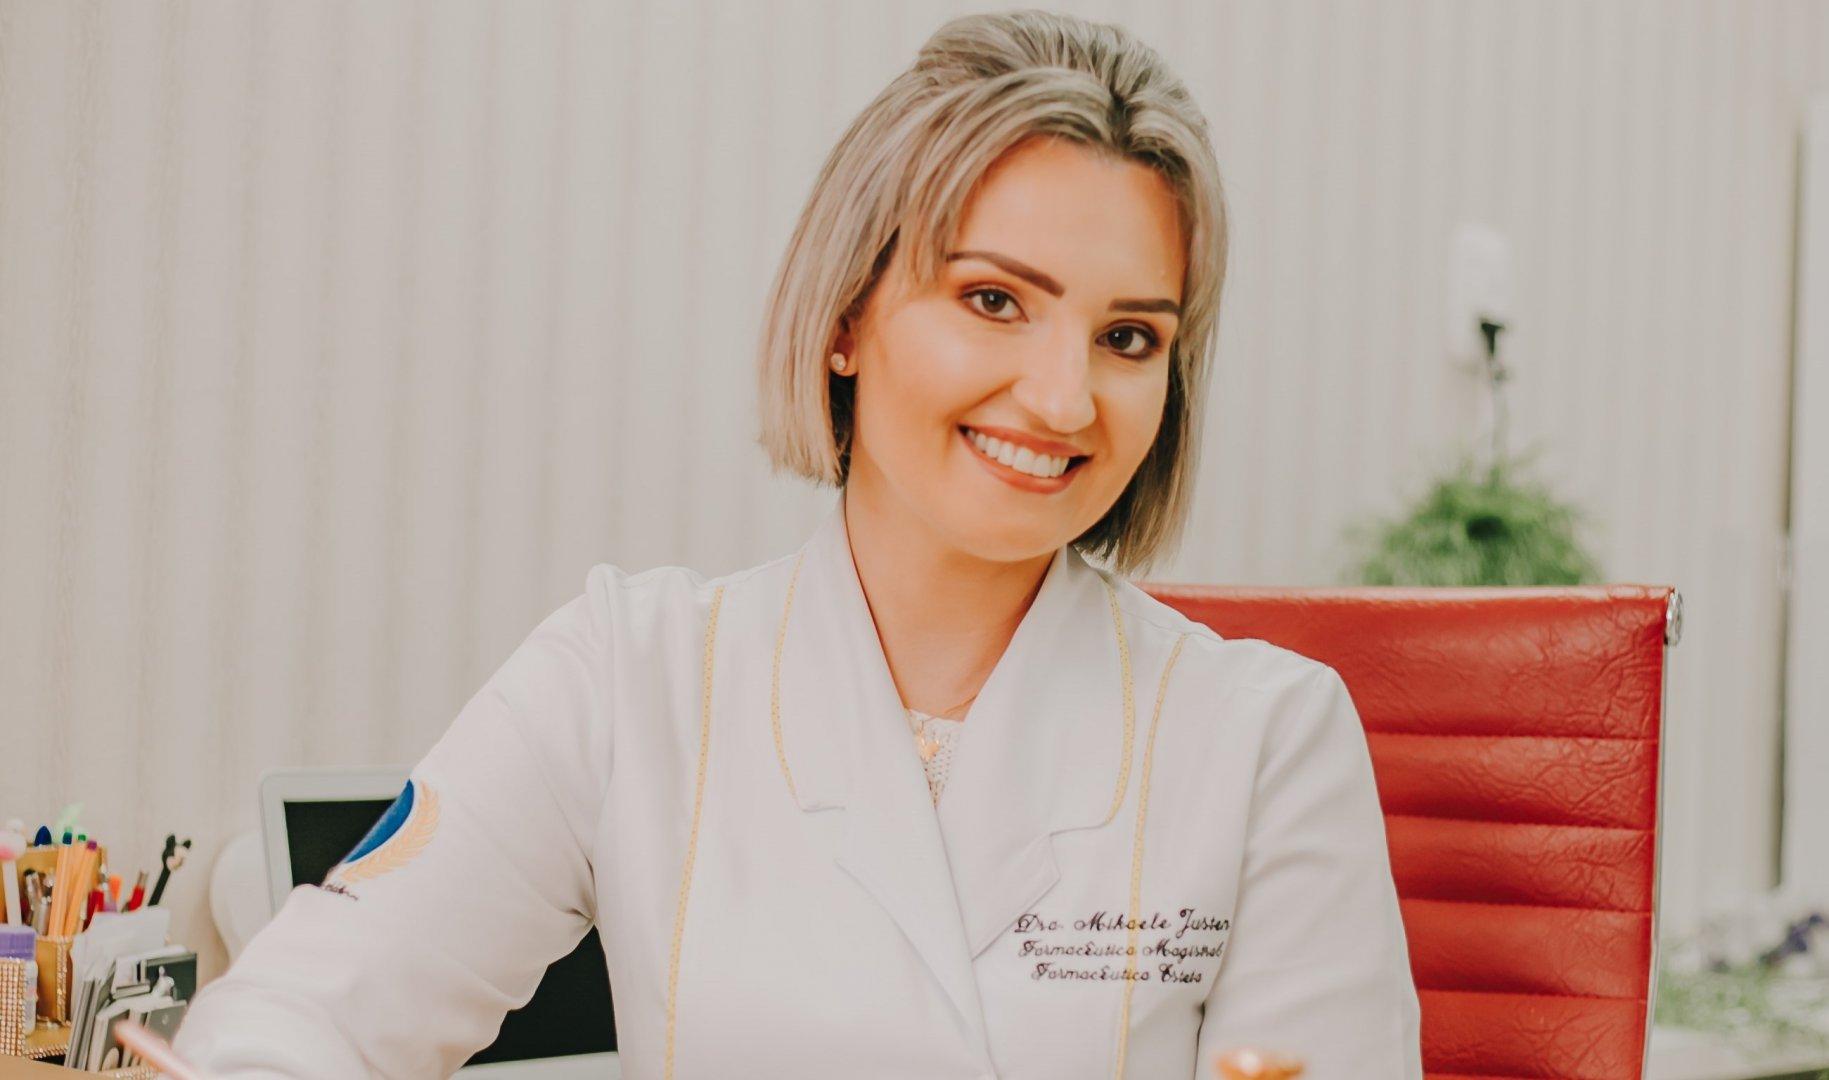 Mikaele Justen: especialista em harmonização facial